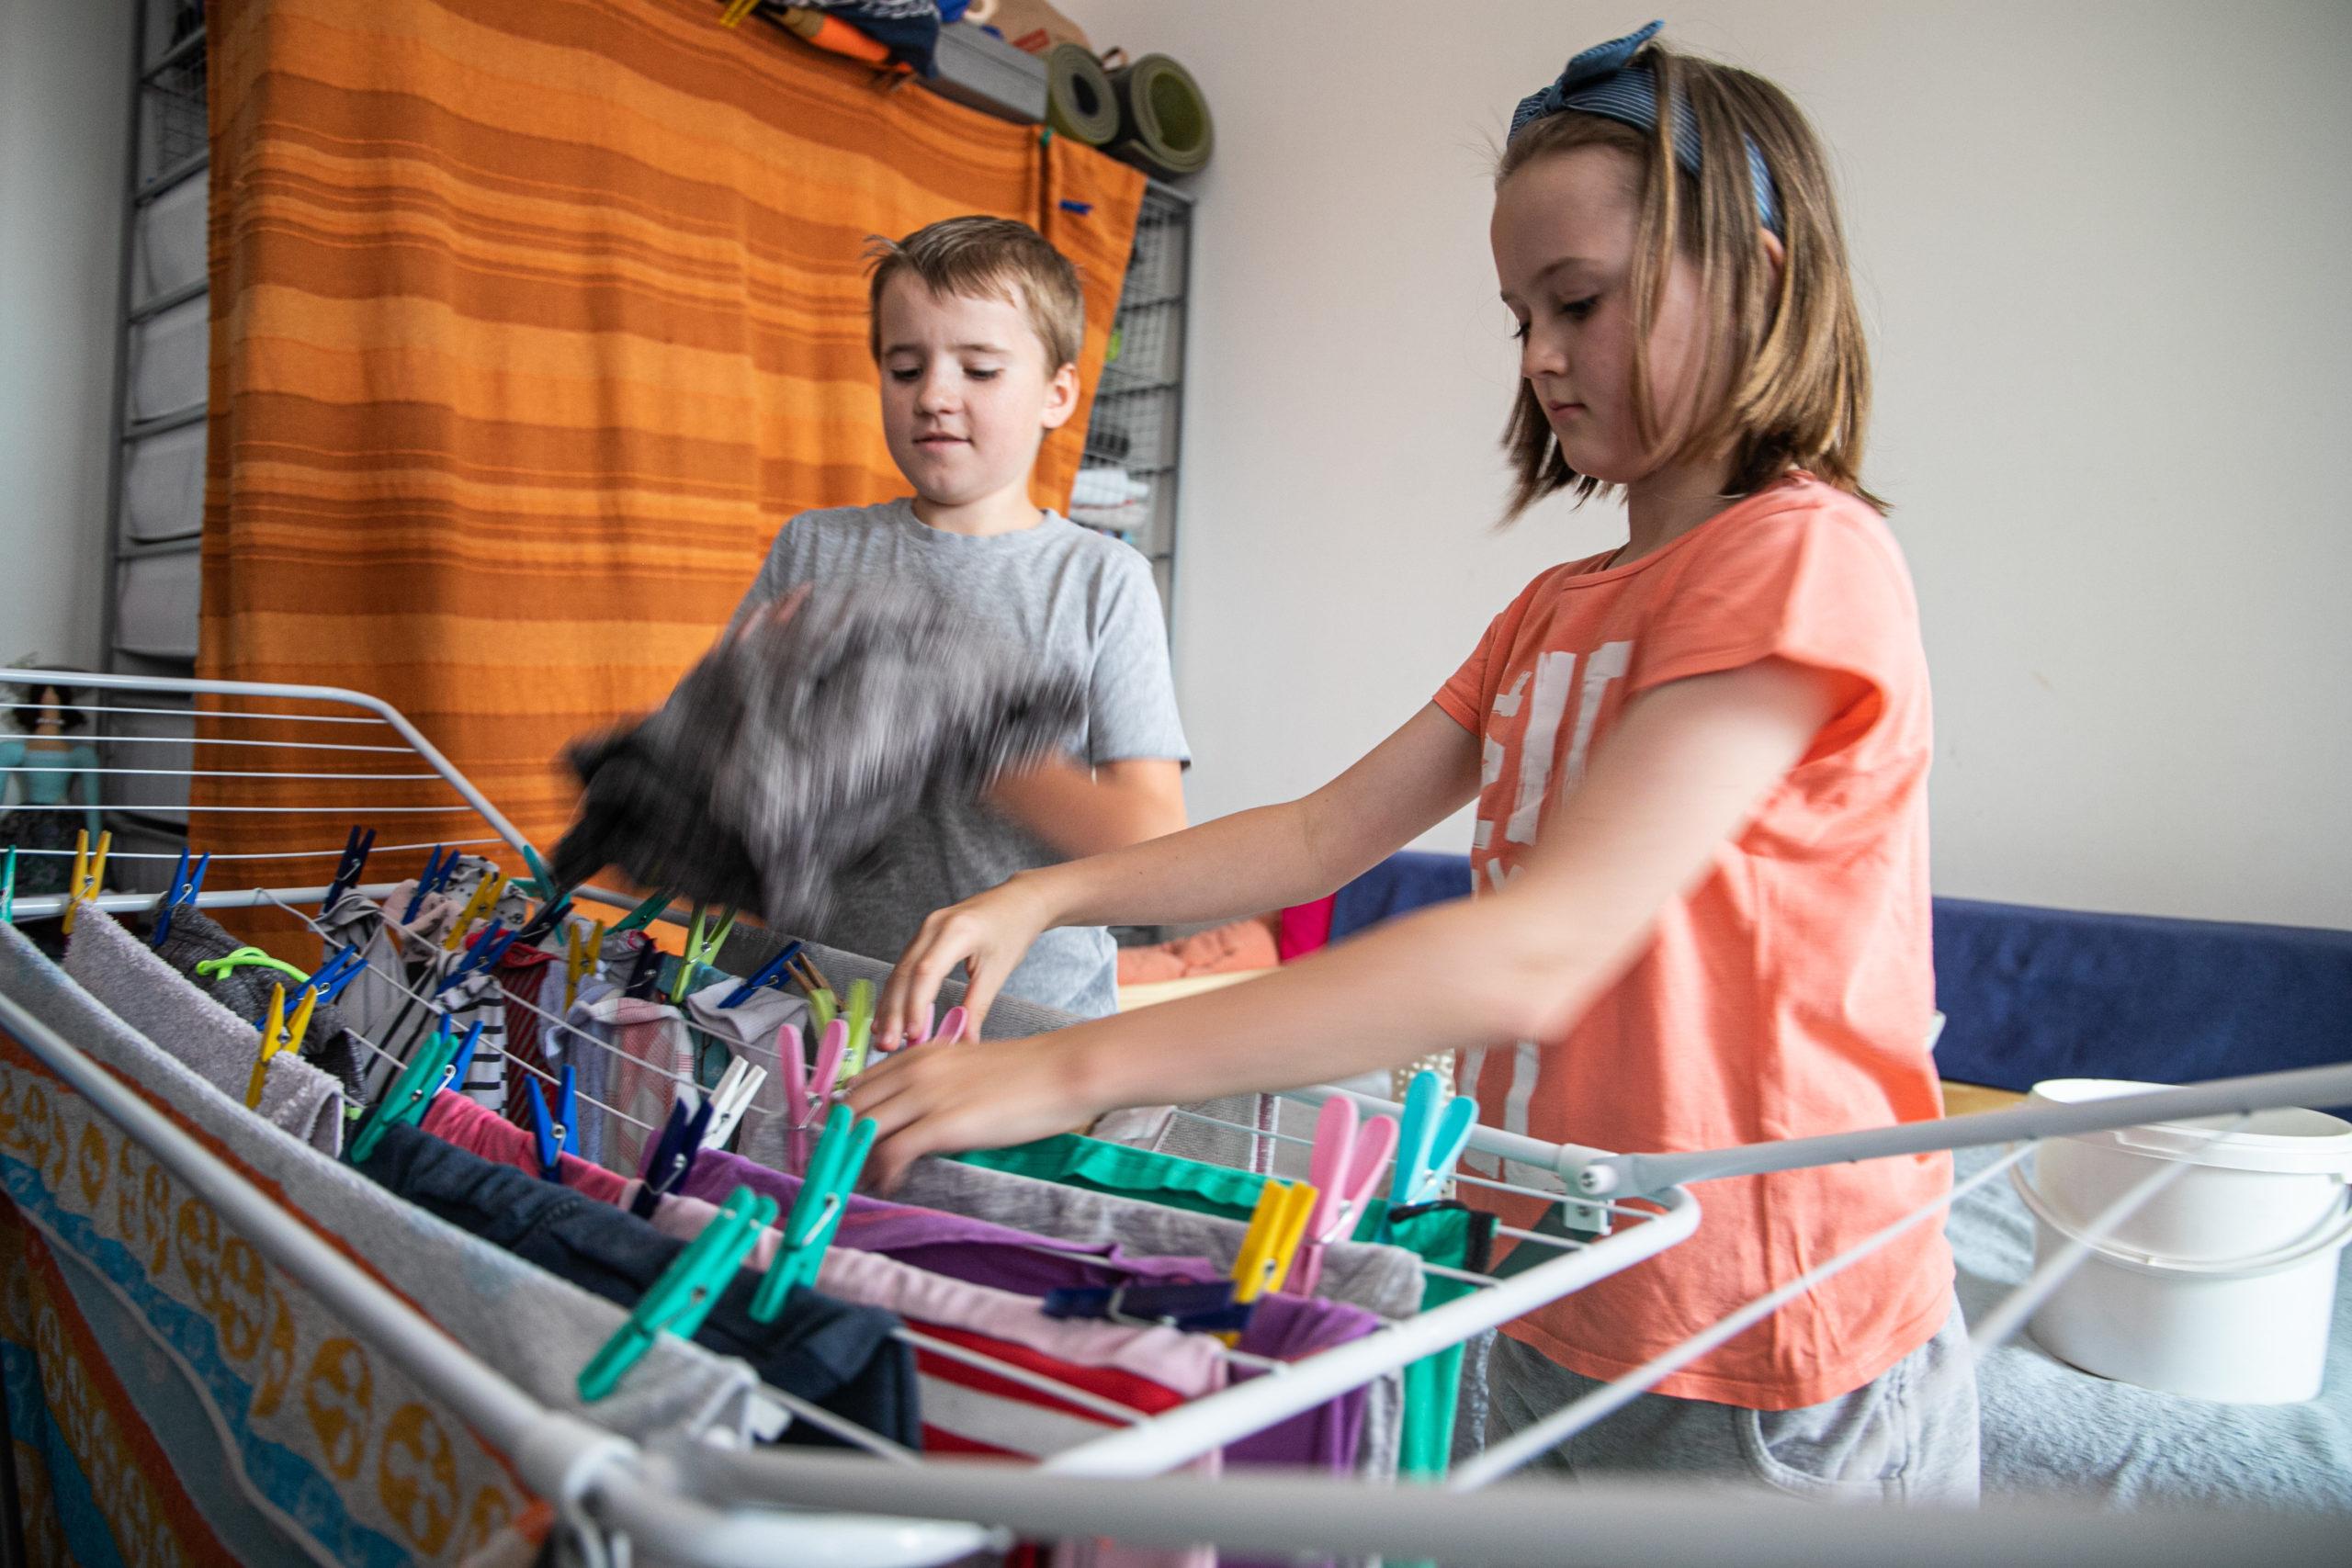 Nejde o konkrétní téma, ale o to, že se děti naučí nést odpovědnost.